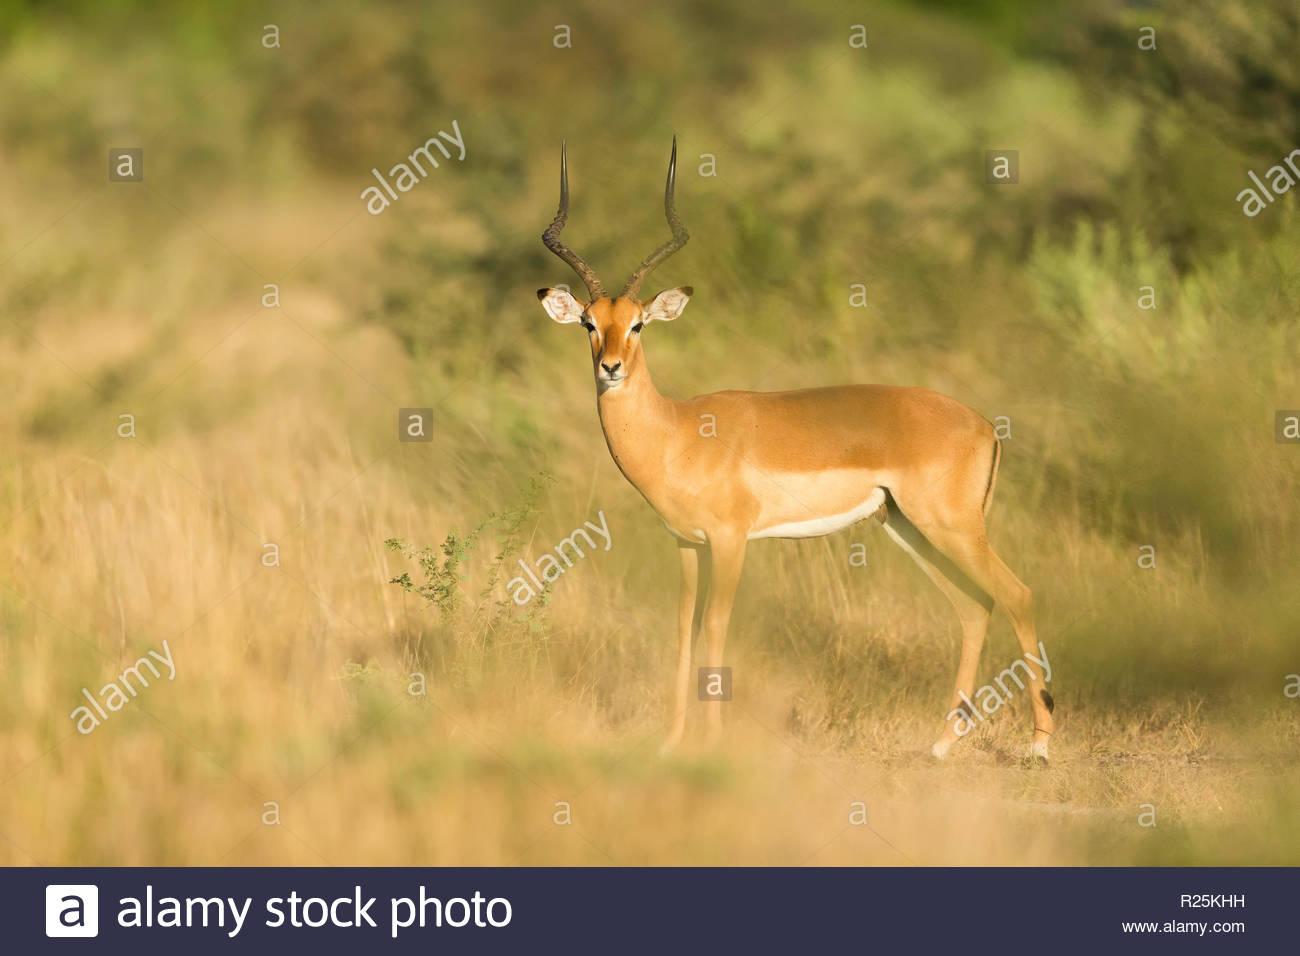 Impala (Aepyceros melampus), Khwai, Botswana, Africa - Stock Image